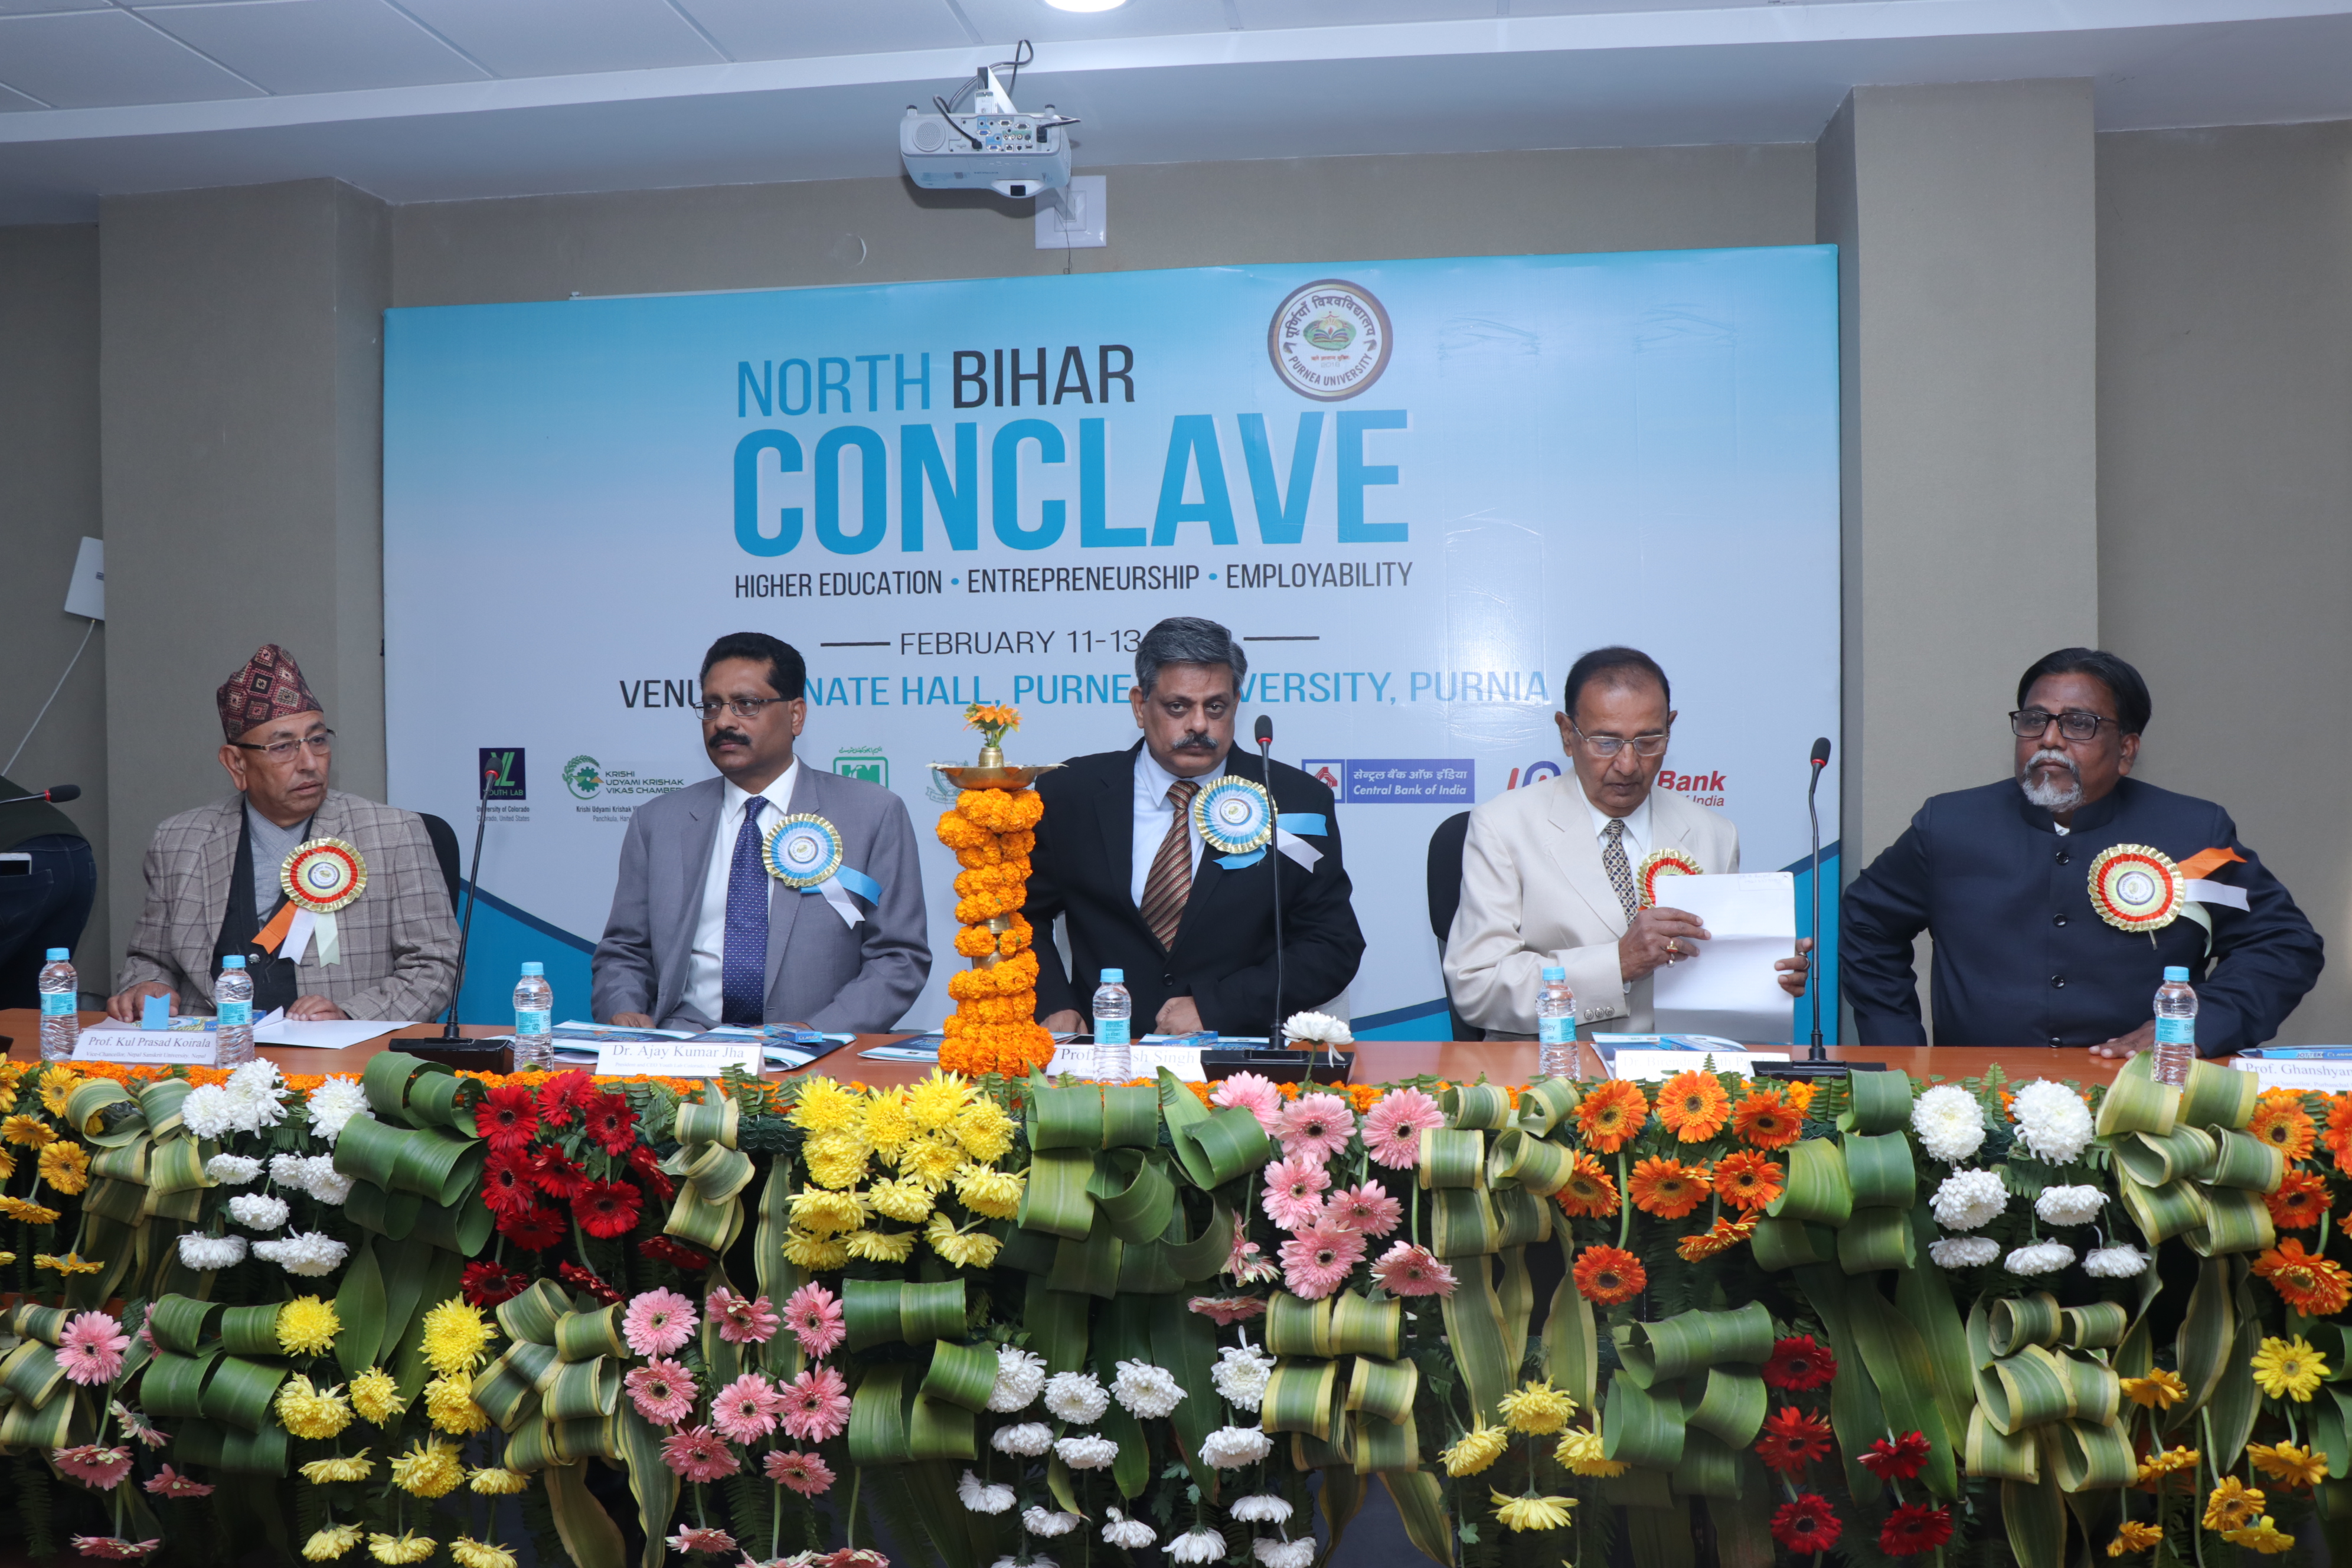 11-13 Feb 19 -North Bihar Conclave